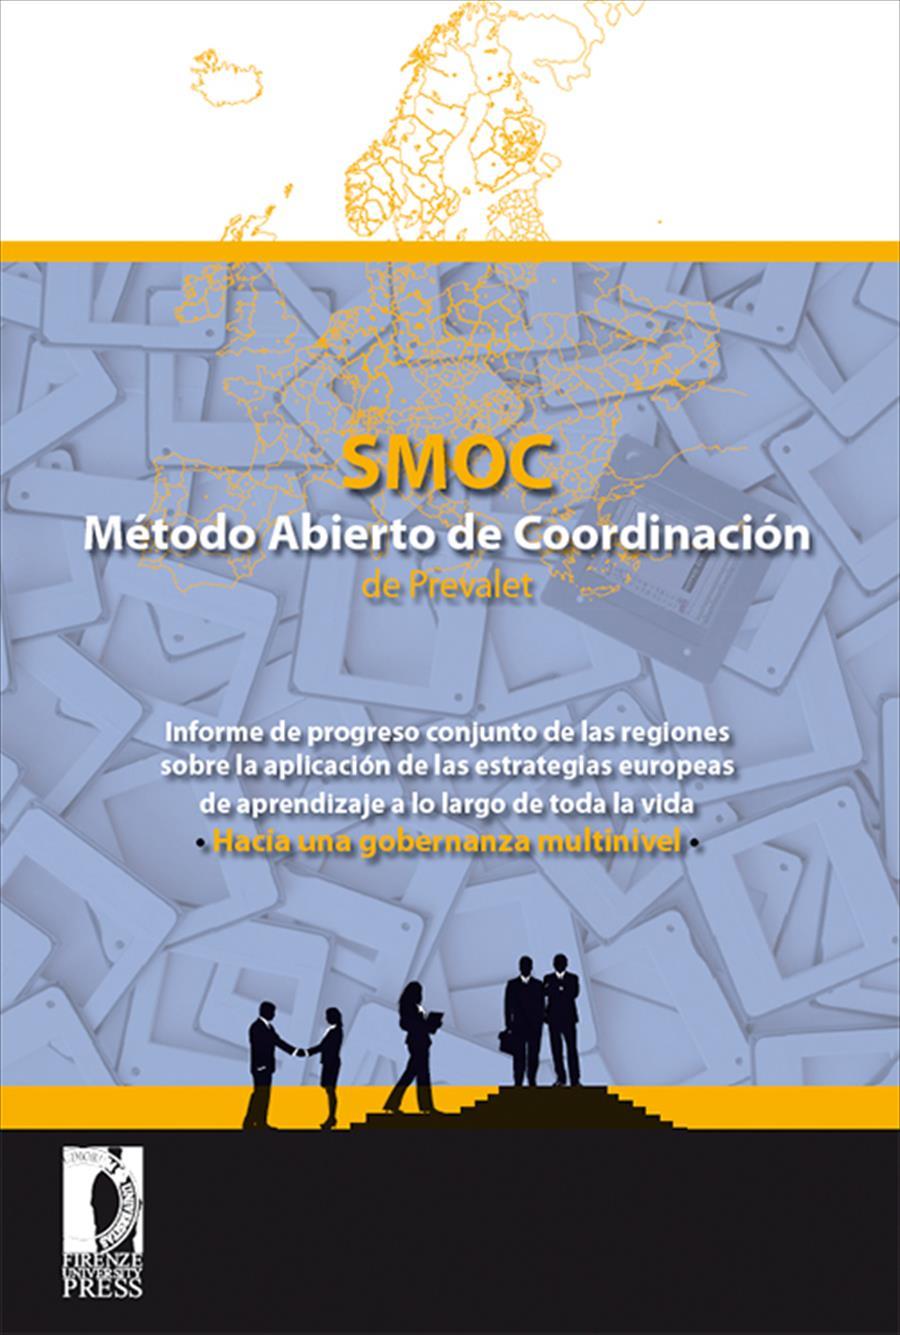 SMOC – Método Abierto de Coordinación de Prevalet